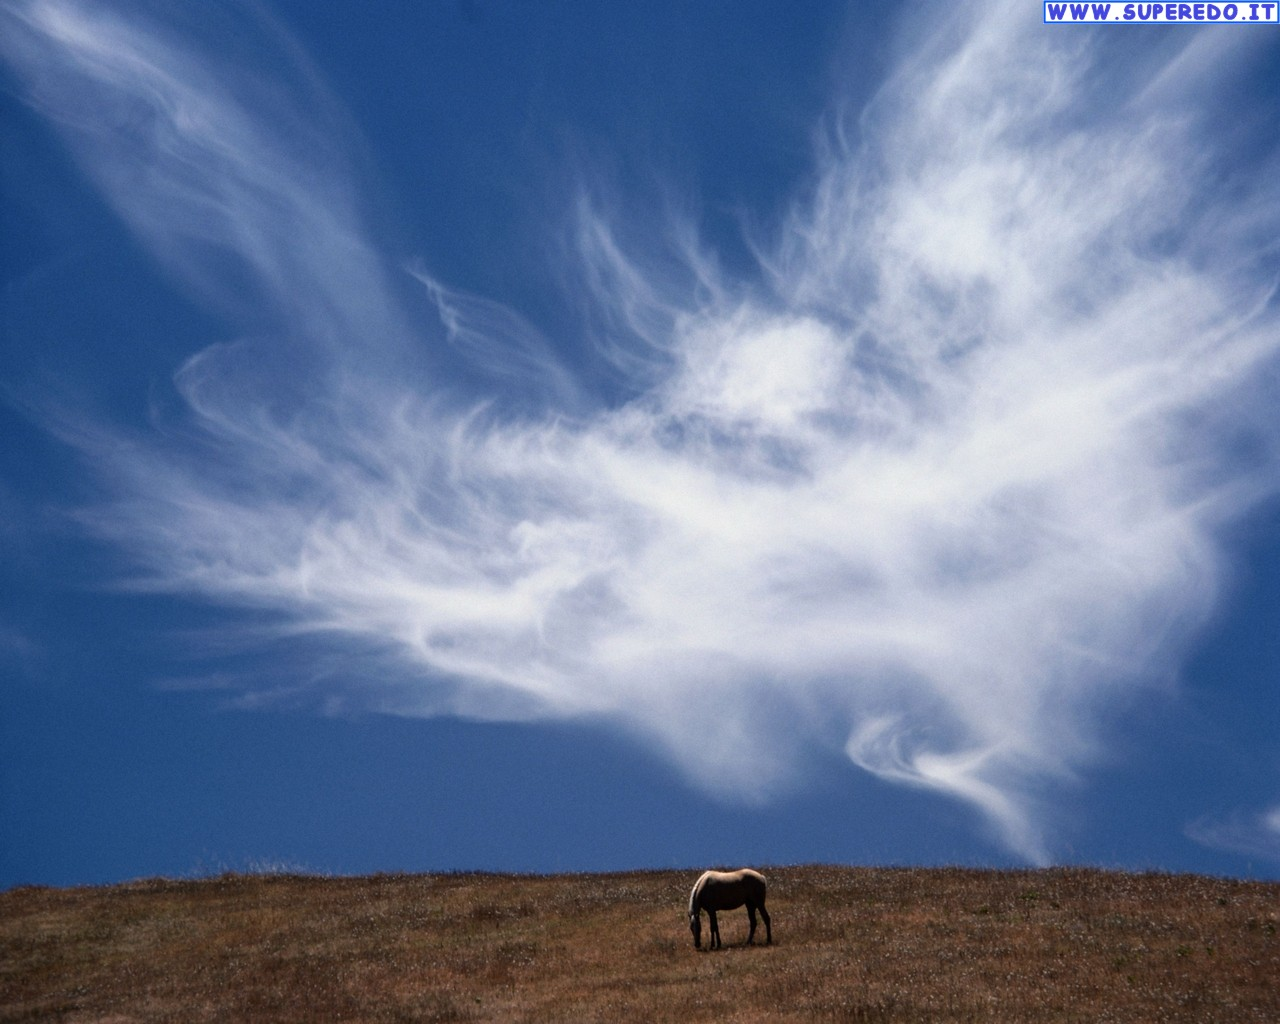 10-nuvola-angelo-segno-divino-natura